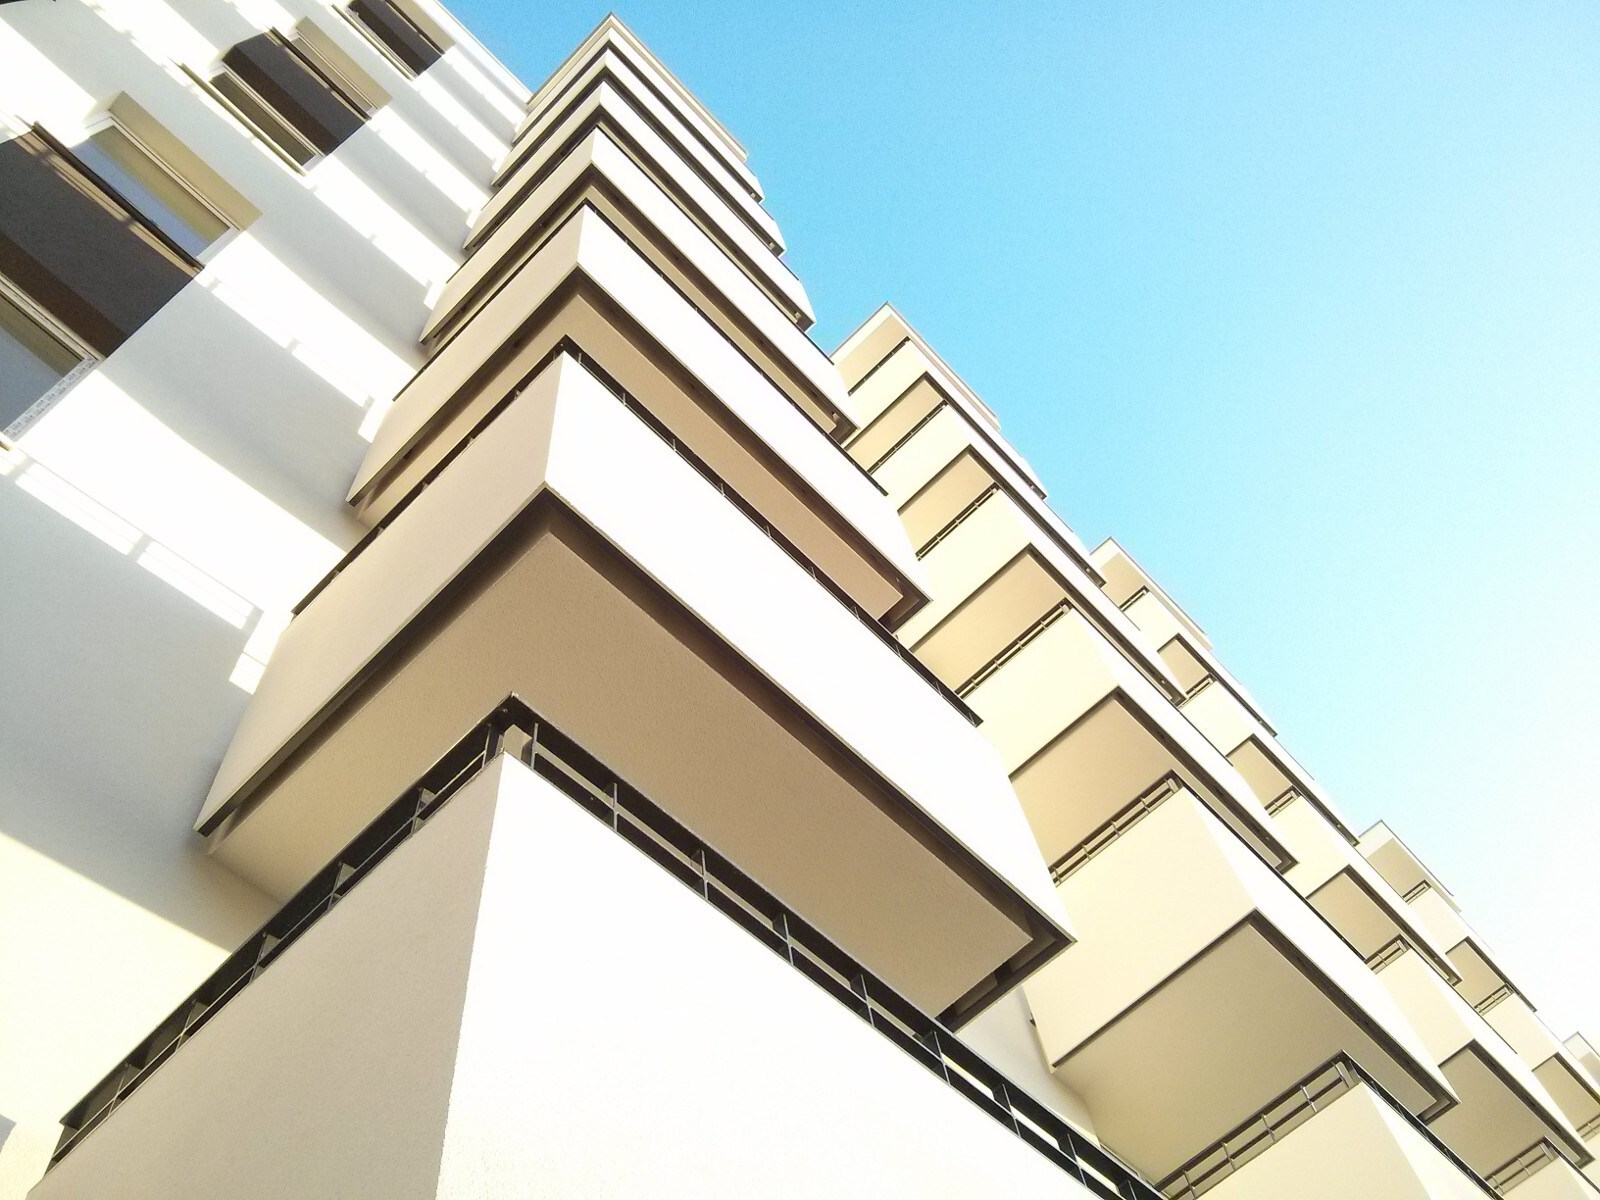 Zachodnia elewacja nowego bloku z mieszkaniami w Czyżynach